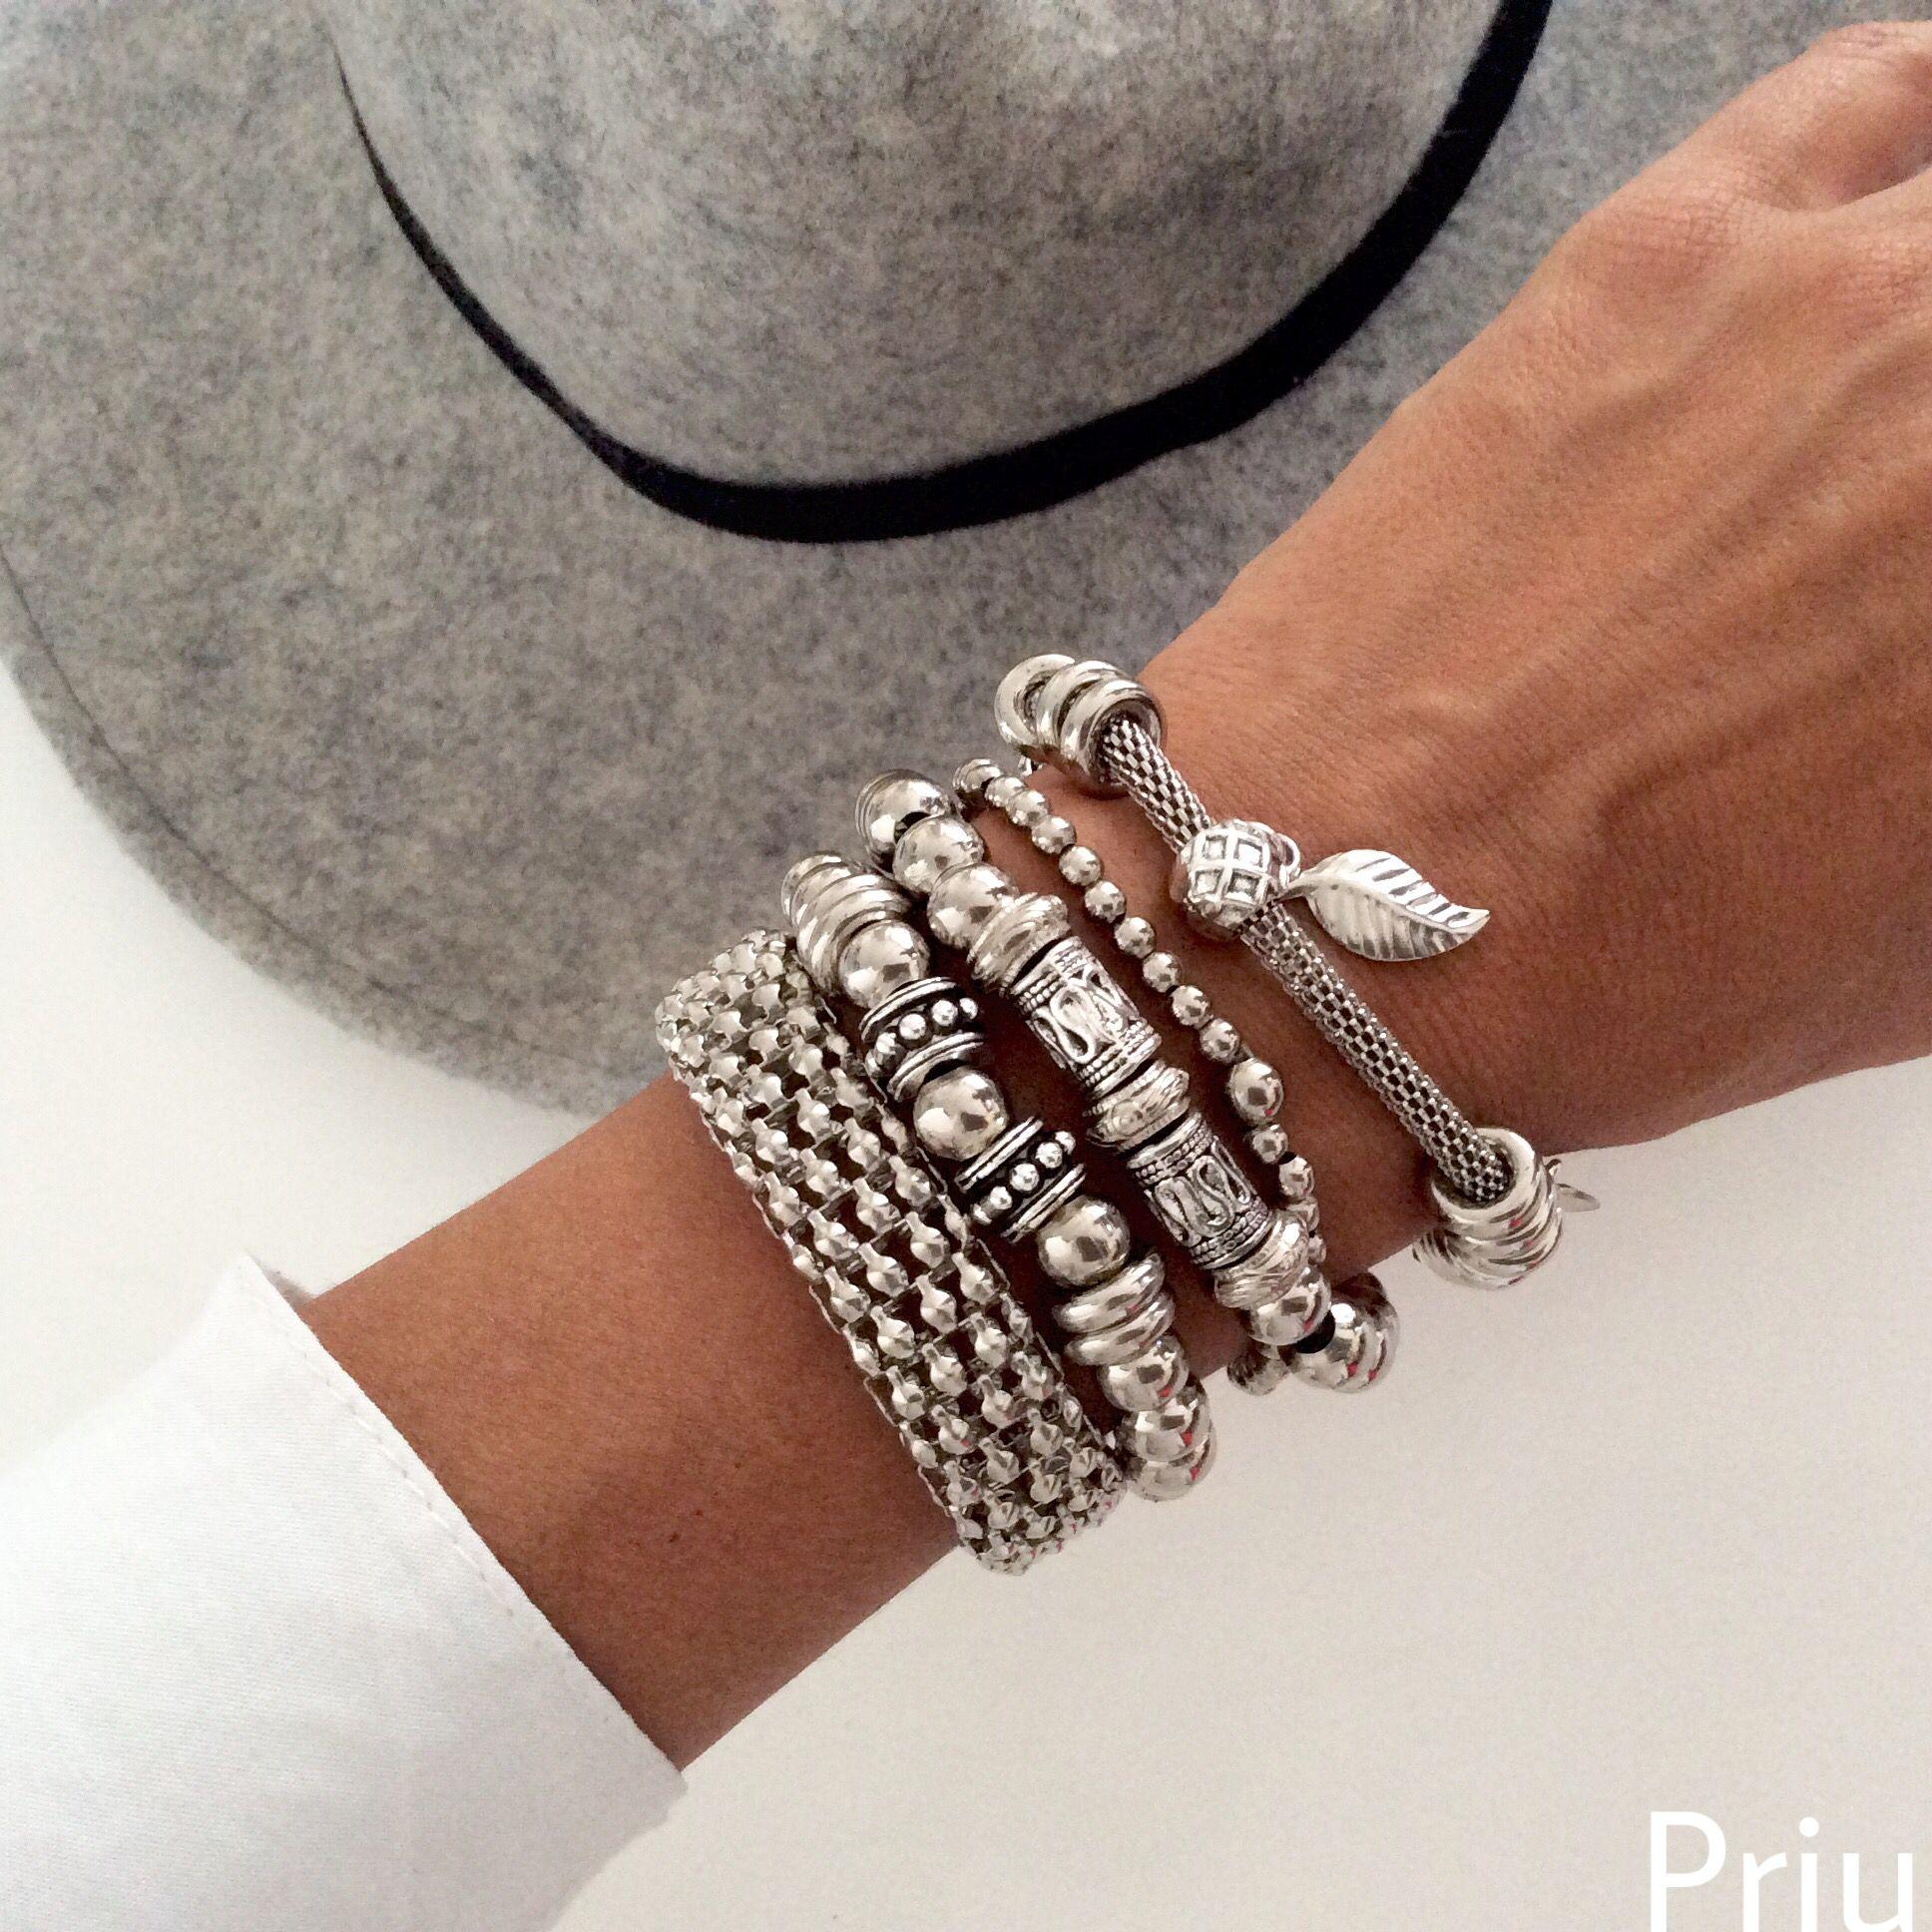 #style #women #pulseras #brazaletes #priuaccesorioss #argentina  @priu.accesorios #brazalet #pulseras #women #chic #brazalete #style #bijouterie #bijou #fashion #bohochic #good #bijoux #necklace #piedras #2016